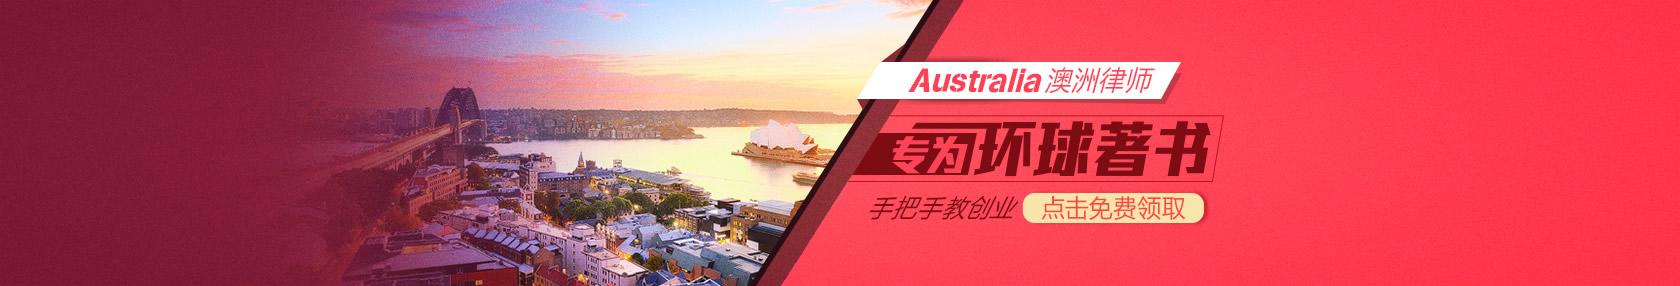 【活动】环球出国澳洲移民律师为环球著书,手把手教澳洲创业